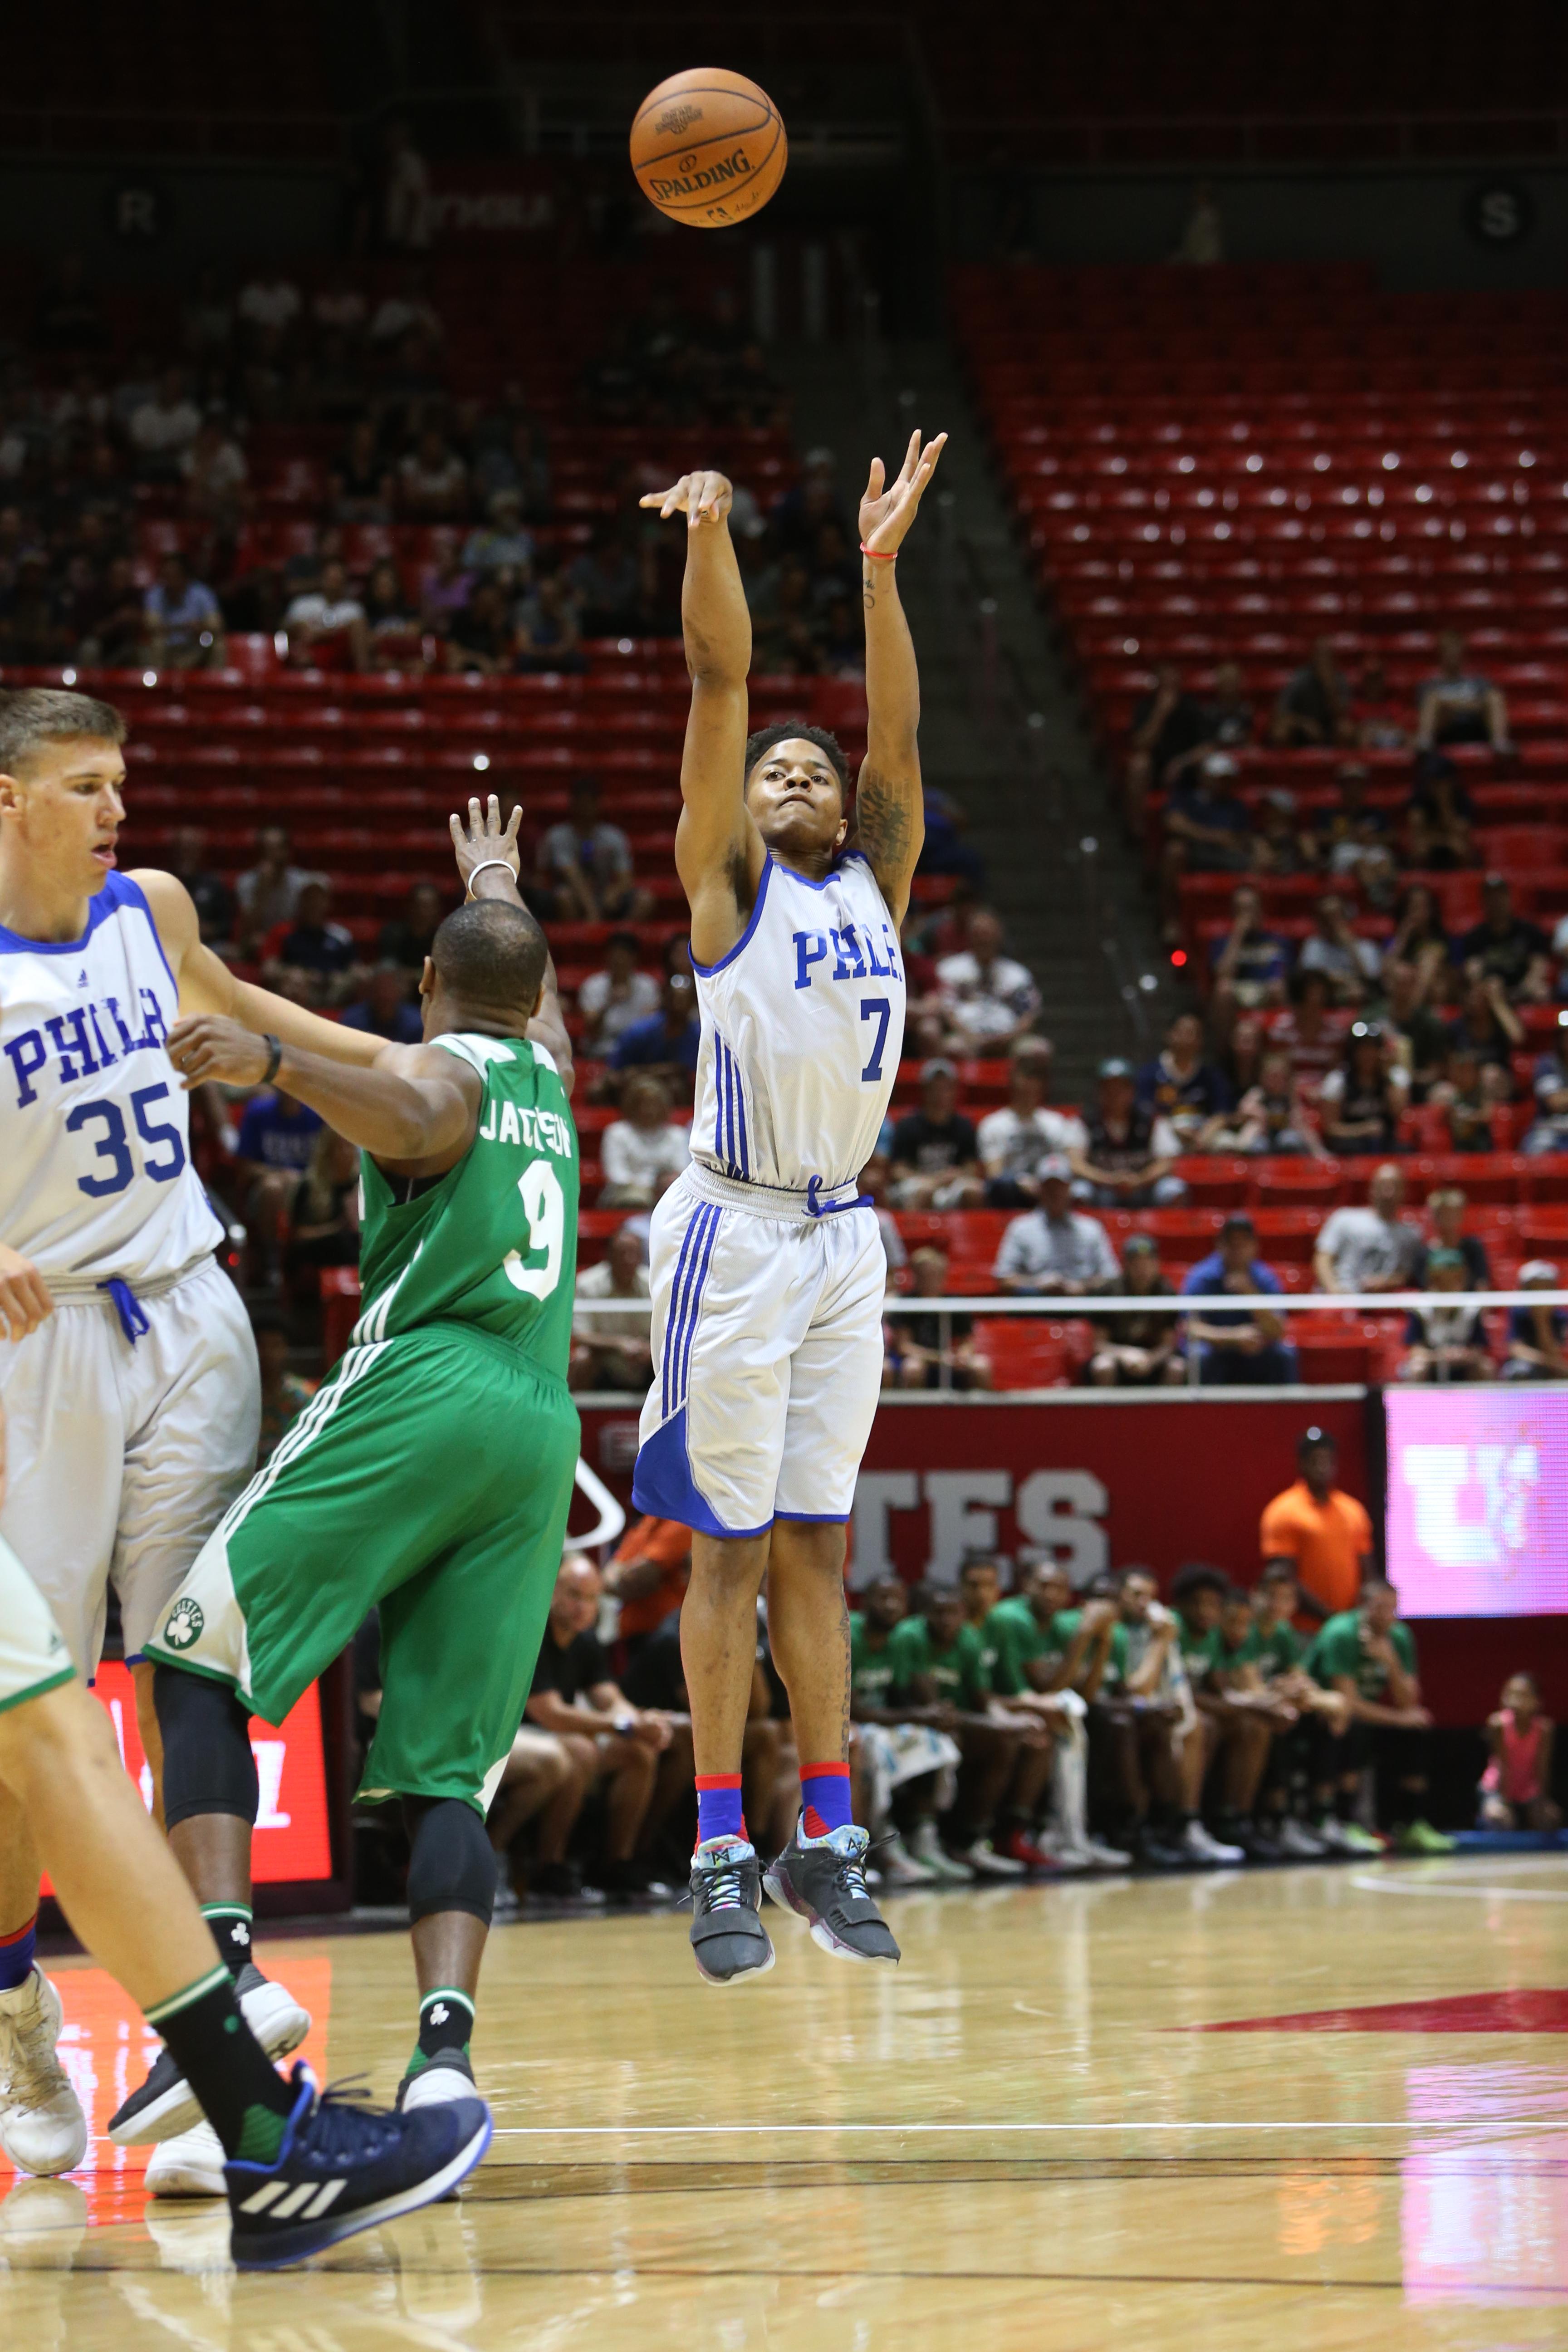 8136944d1ad Markelle Fultz #7 of the Philadelphia 76ers shoots the ball against the  Boston Celtics on July 3, 2017 at Jon M. Huntsman Center in Salt Lake City,  Utah.